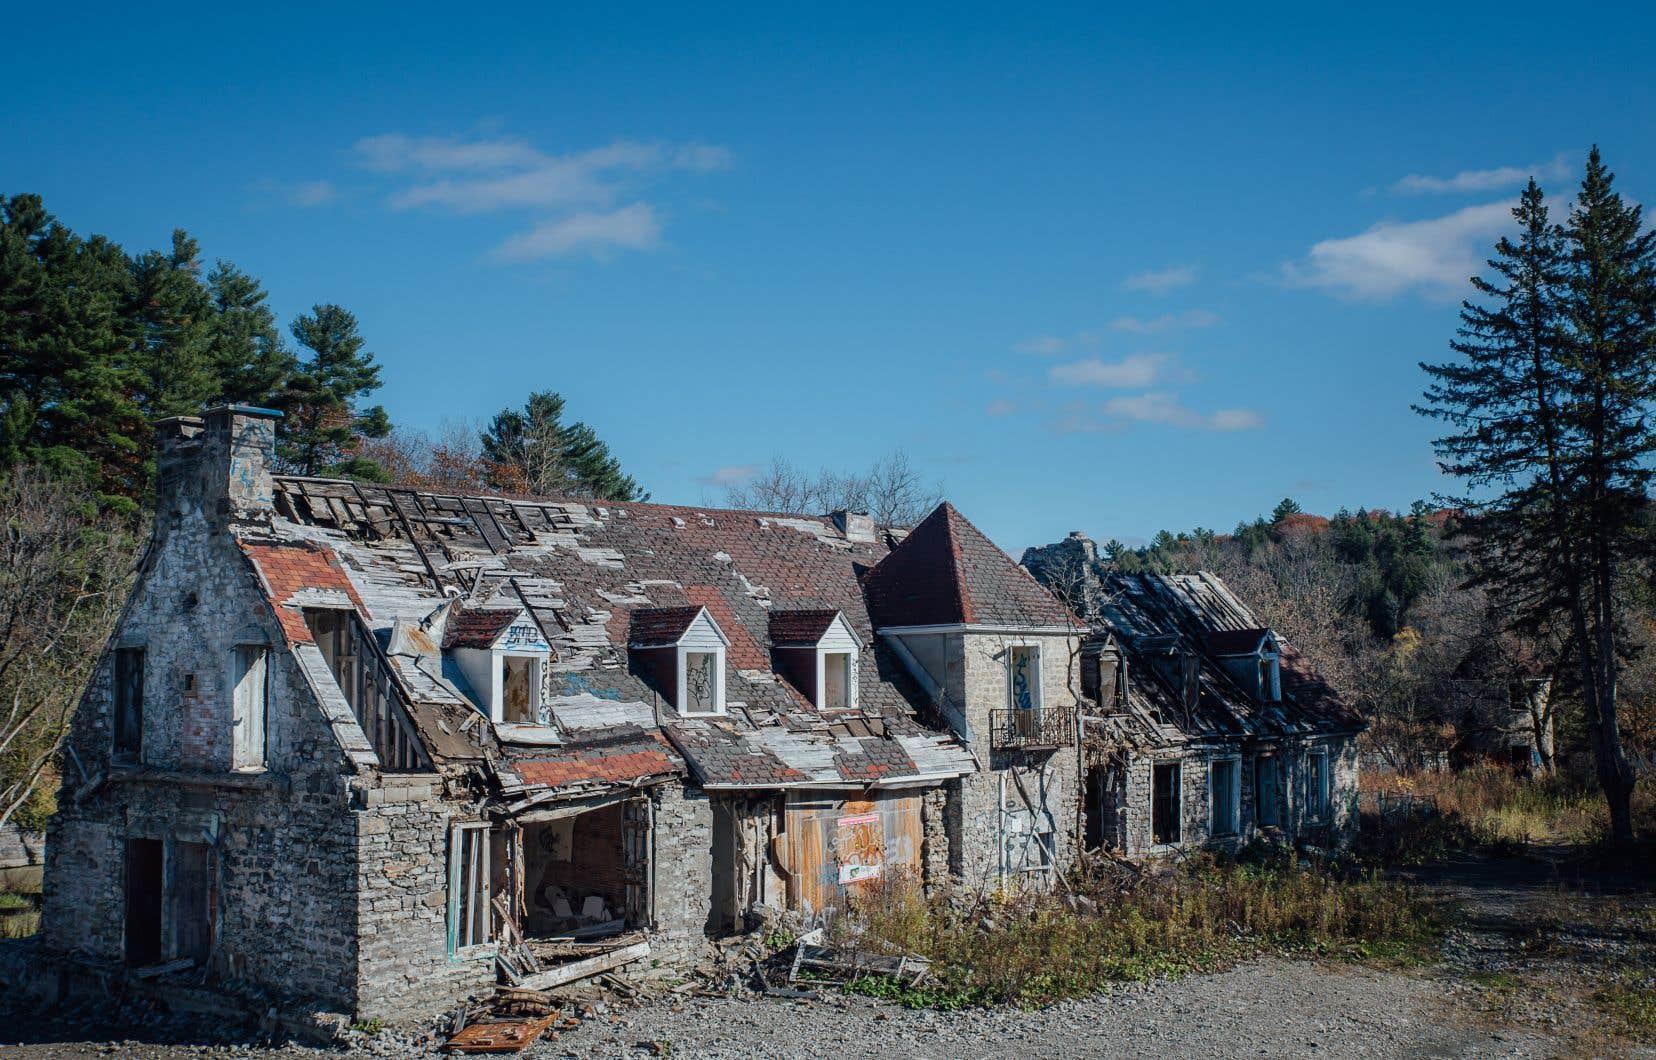 La Direction générale  du patrimoine, qui comptait  162 employés  en 1977,  n'en compte aujourd'hui plus qu'une trentaine pour protéger  les édifices  historiques.  Ici le Manoir seigneurial  de Mascouche.